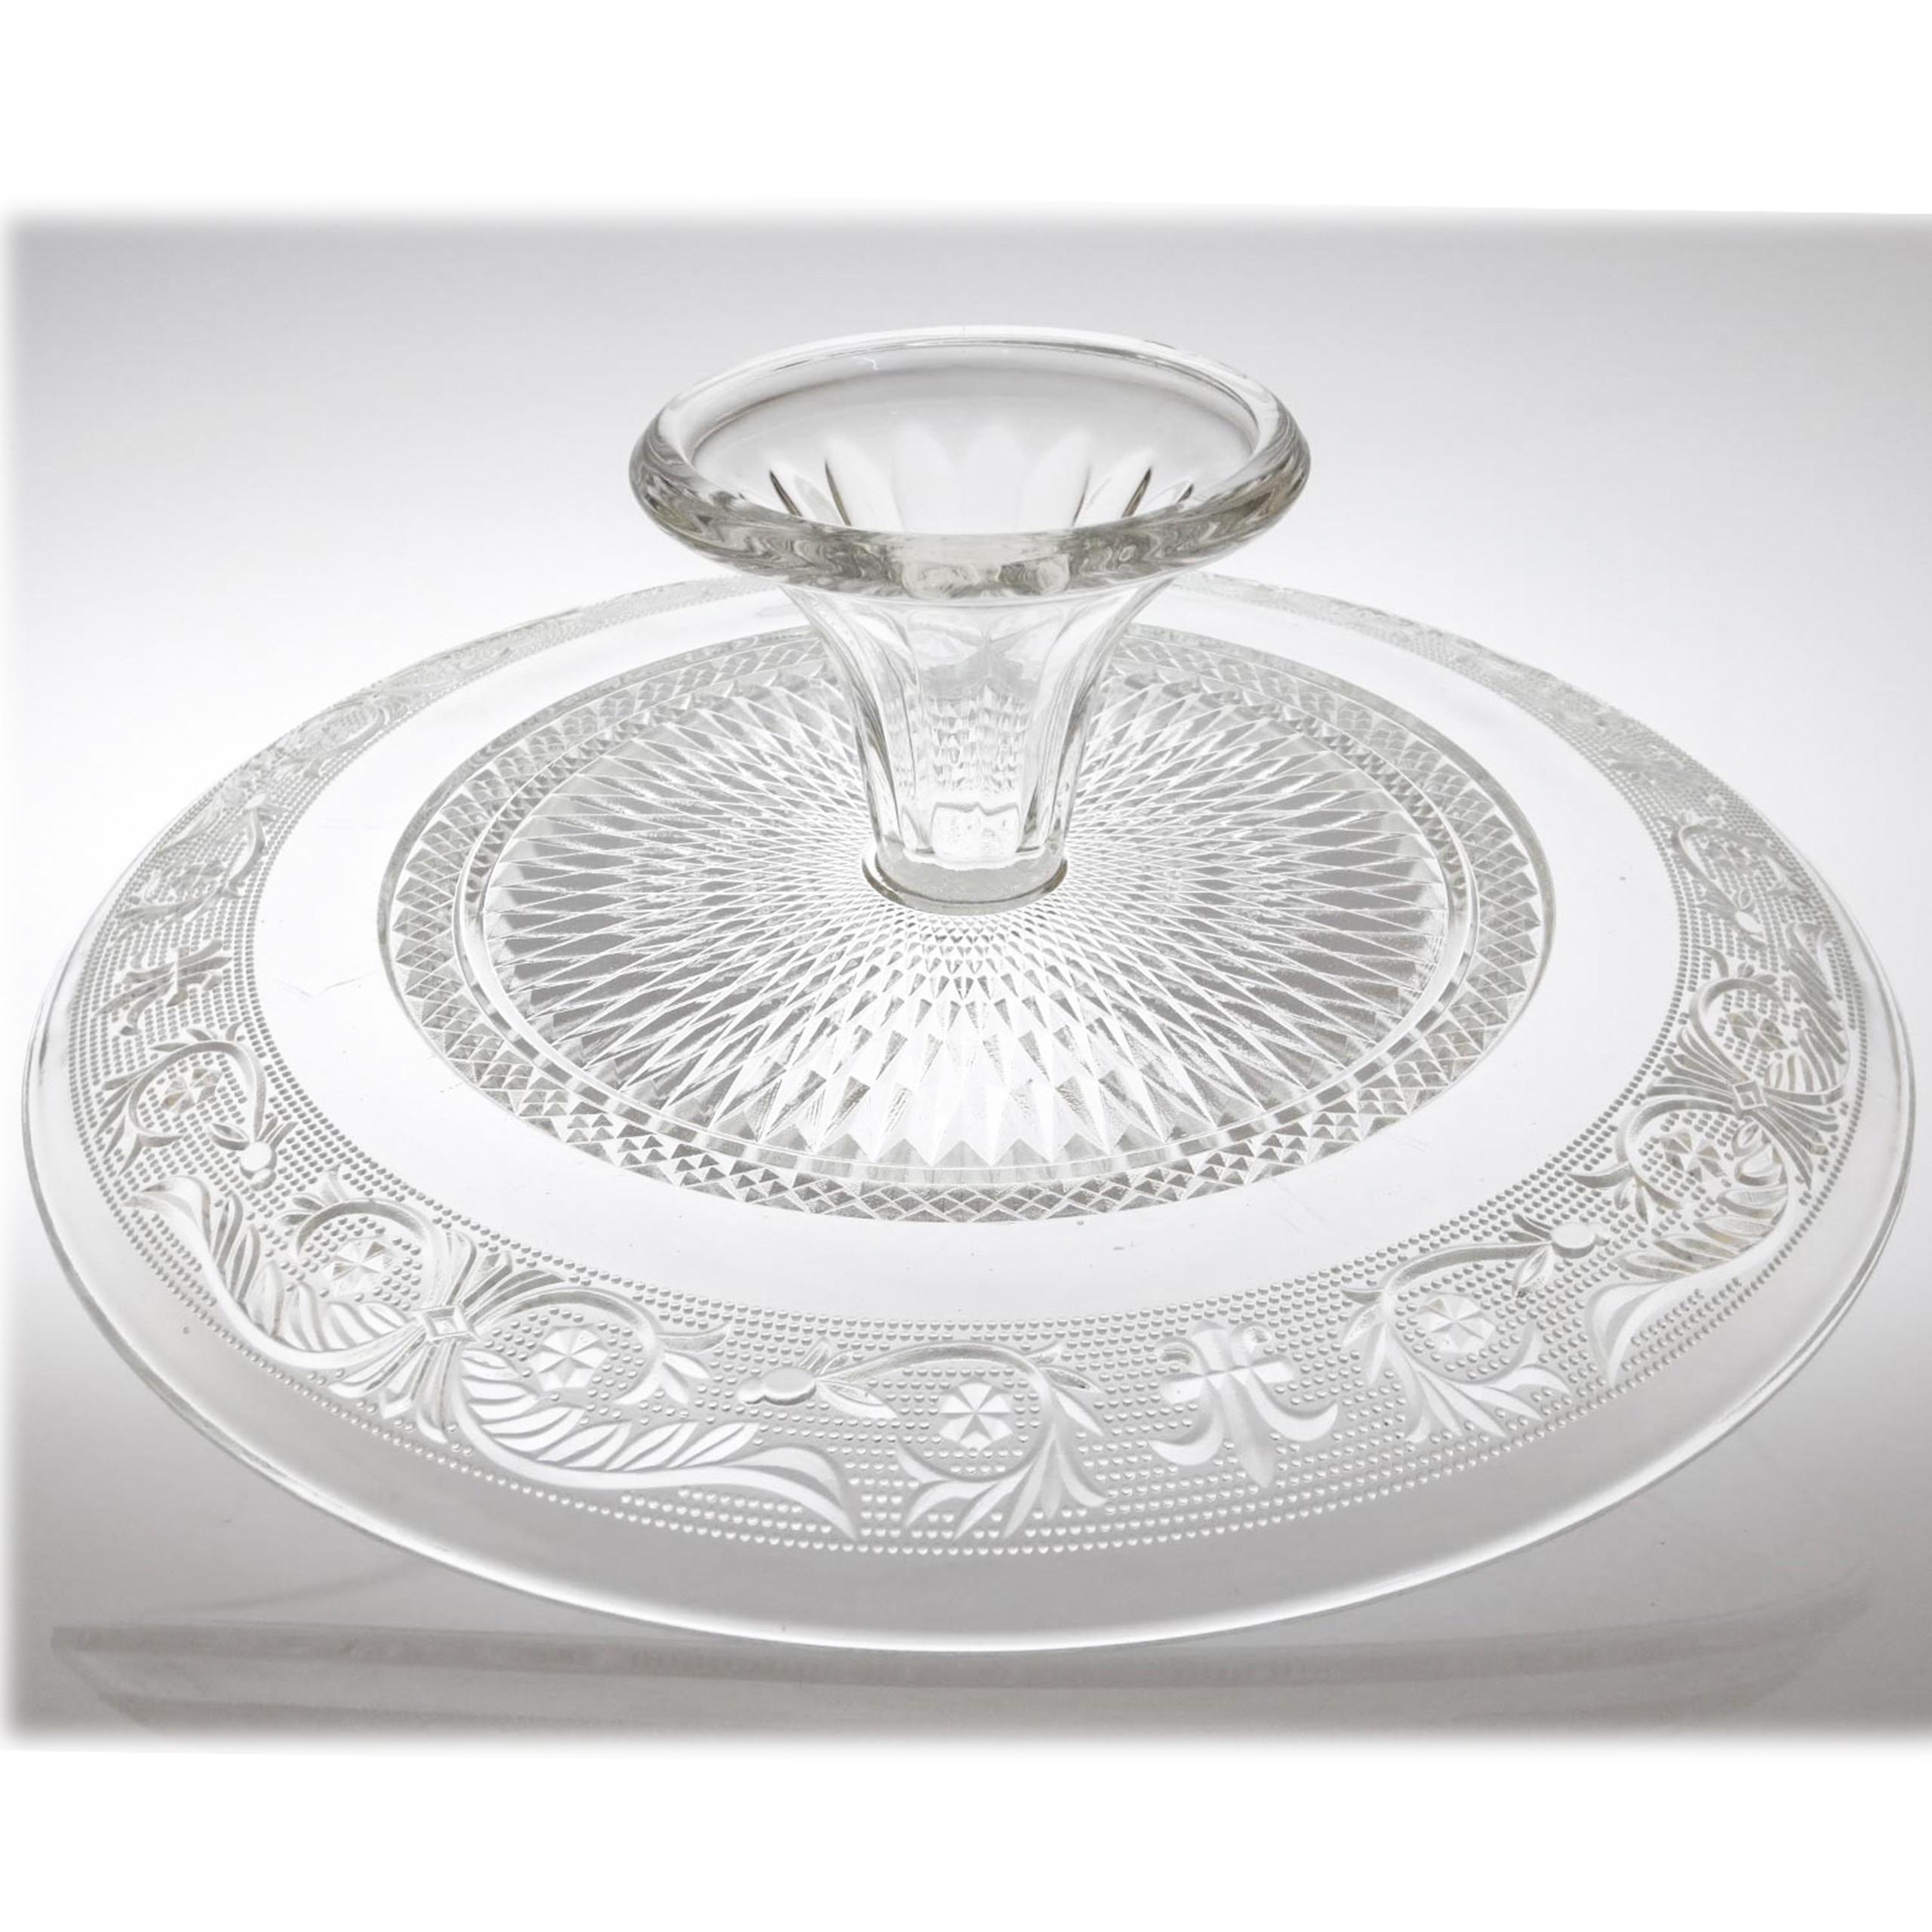 am design glas tortenplatte mit fu 33cm transparent wohnaccessoires geschirr tortenst nder 3177. Black Bedroom Furniture Sets. Home Design Ideas